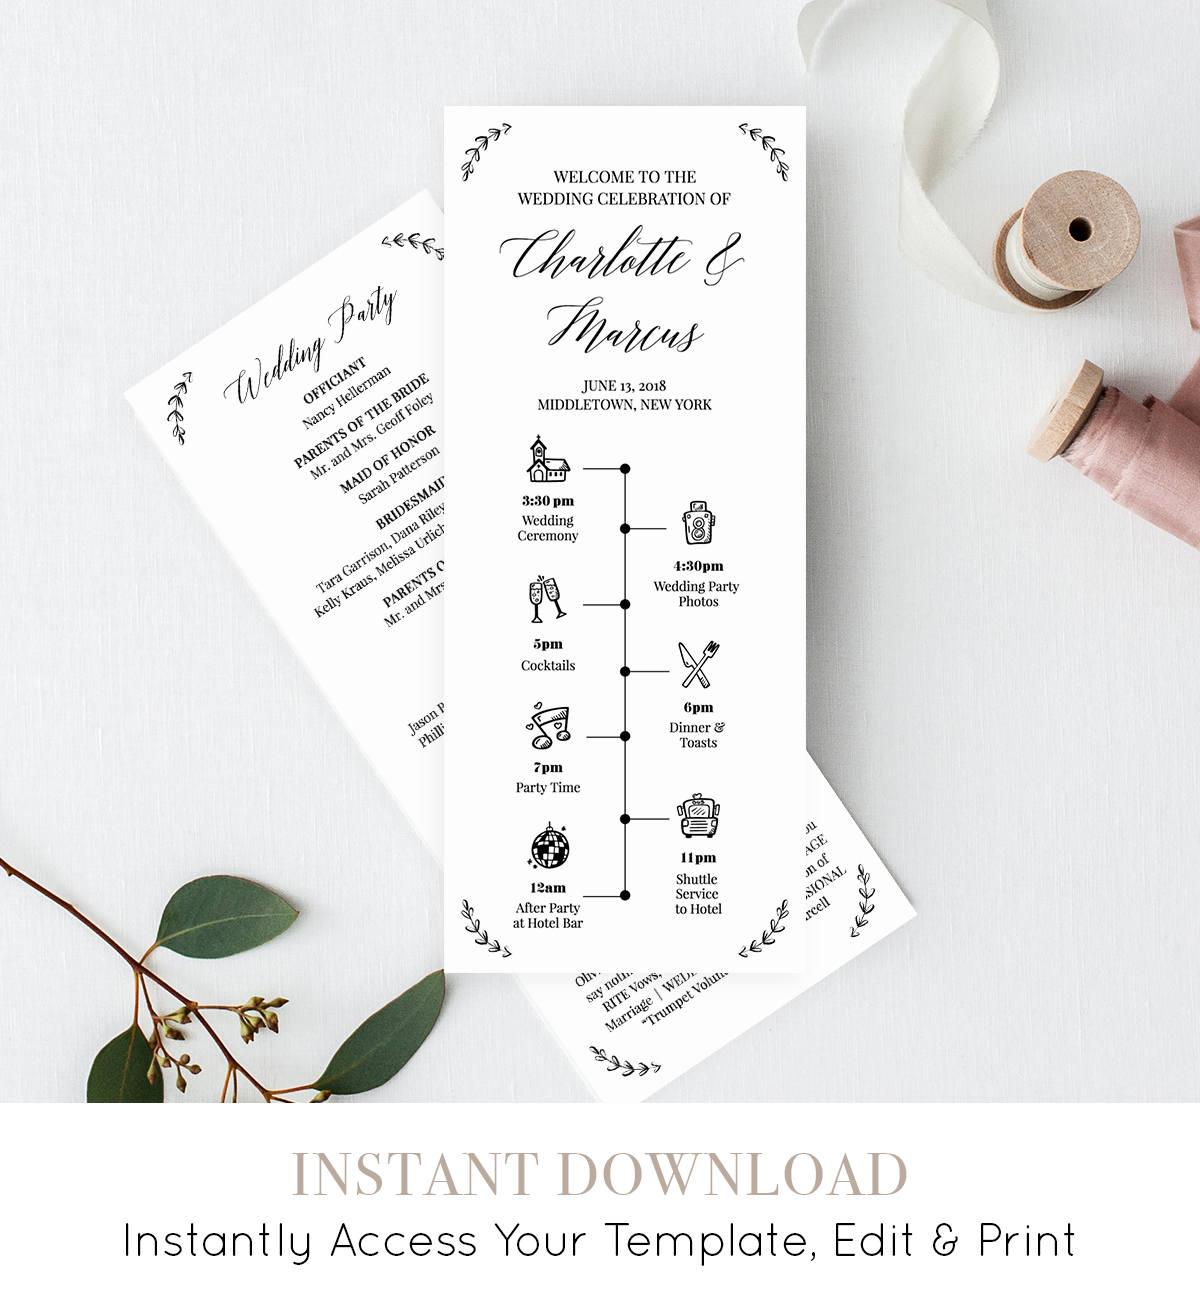 wedding timeline program template order of events ceremony program